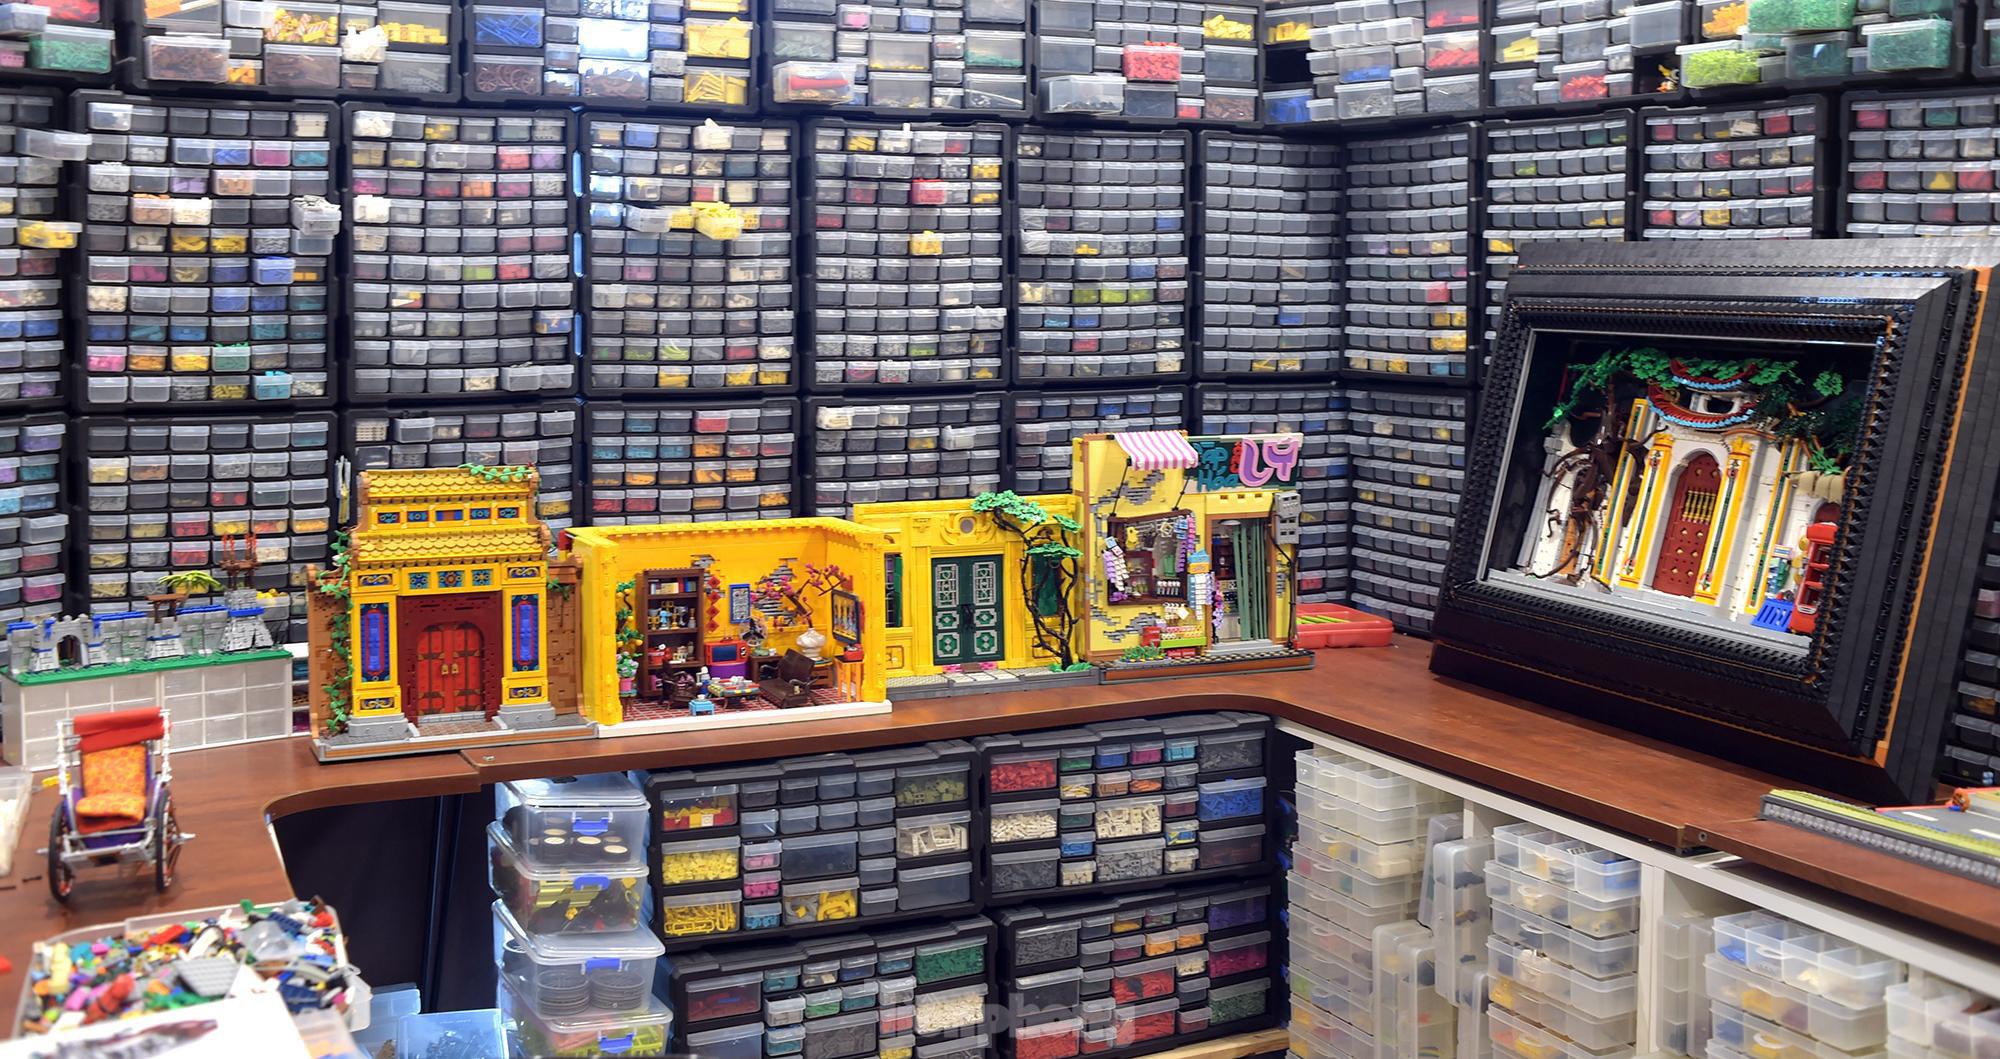 """Chàng trai Việt """"đóng"""" tàu Hoàng Sa, Trường Sa từ mô hình Lego, tri ân ngư dân bám biển - Ảnh 6."""